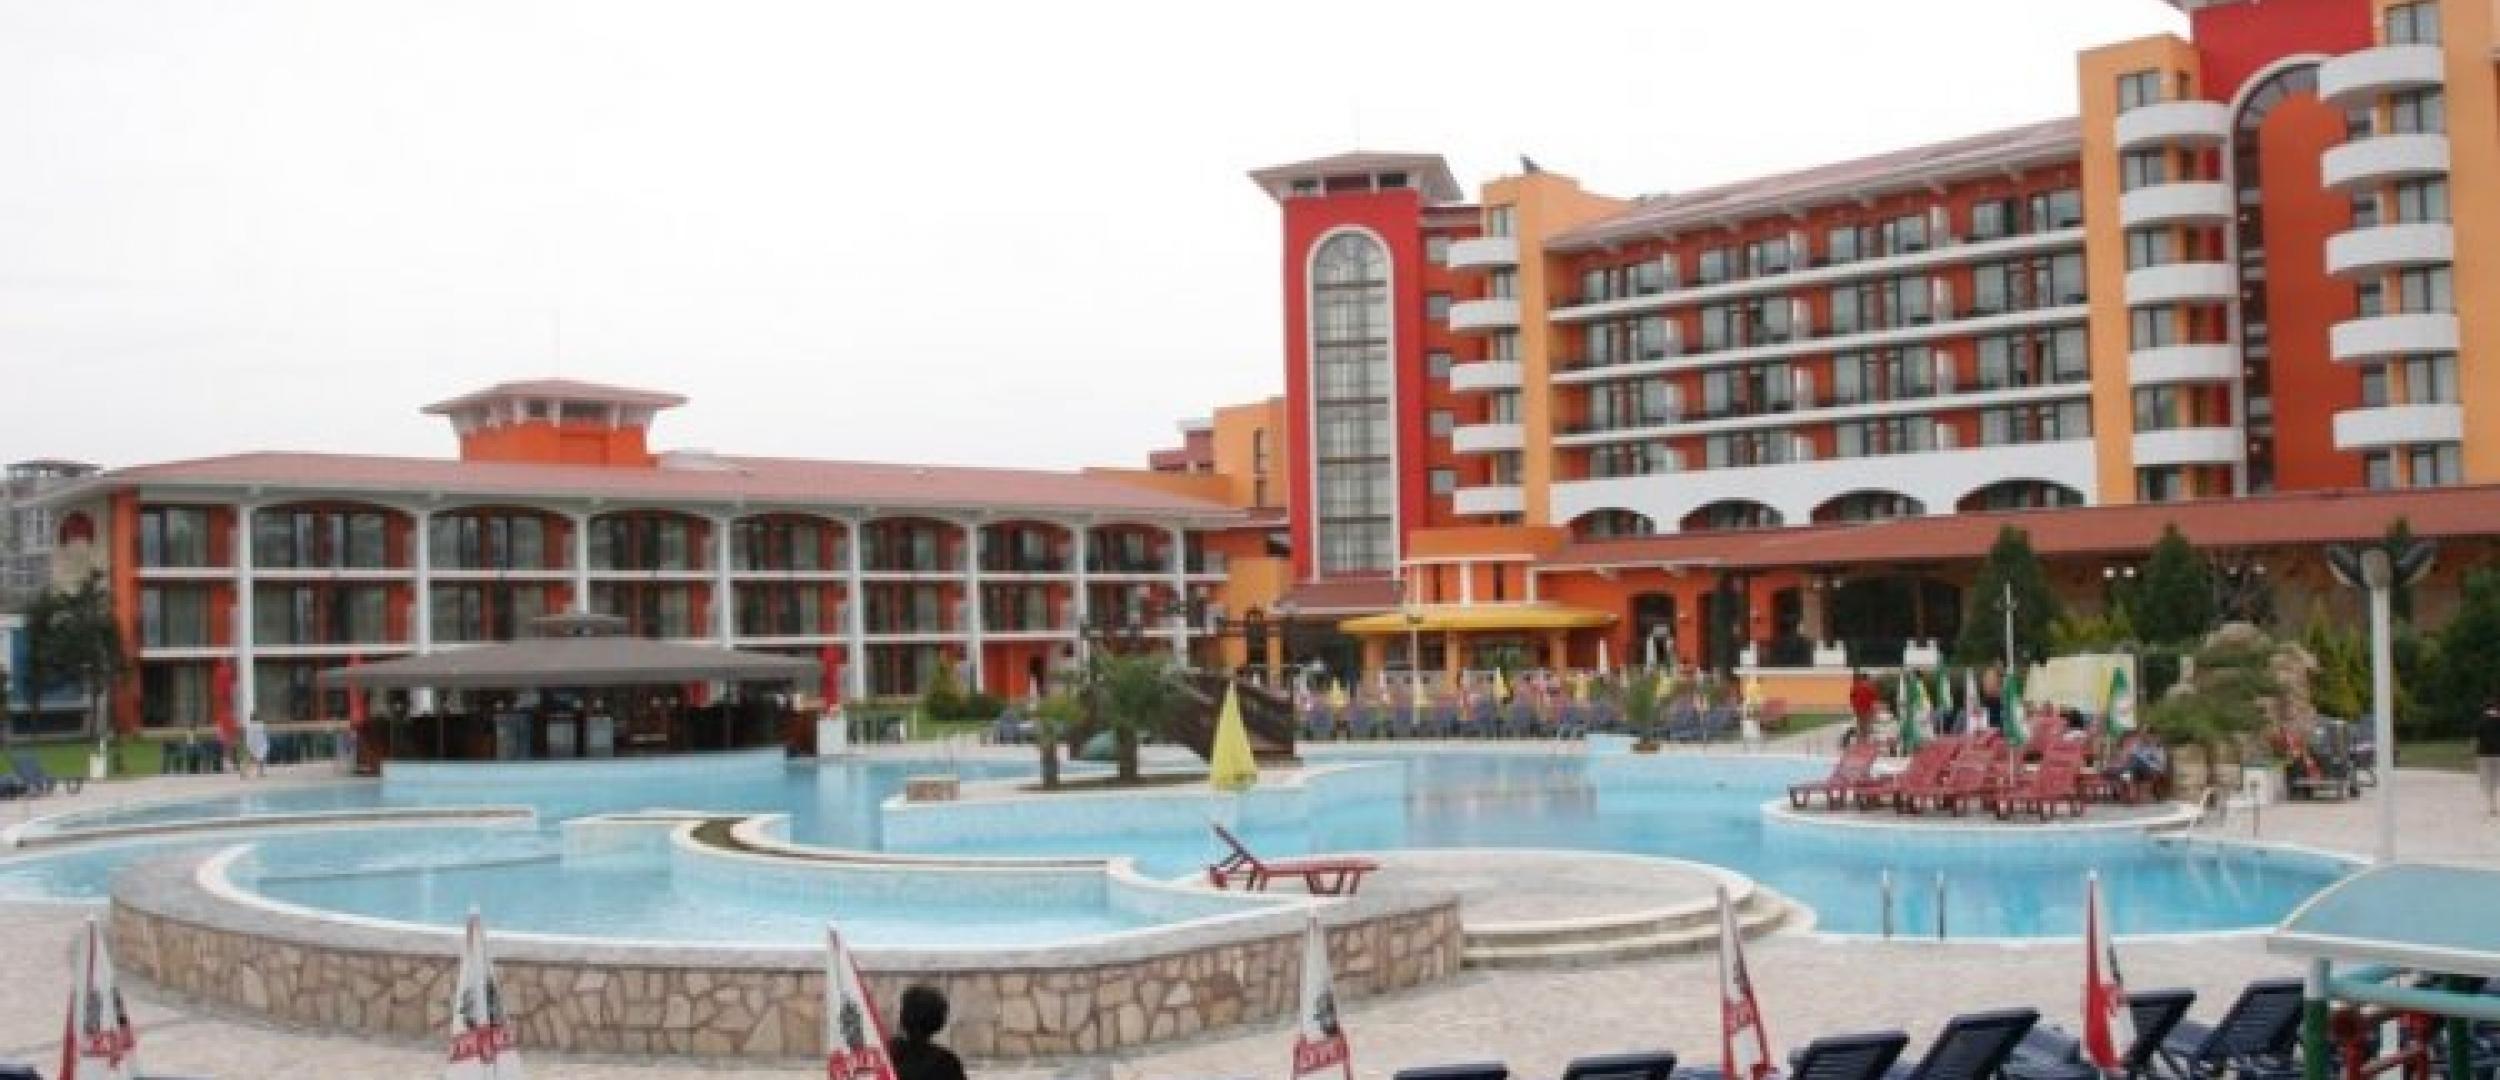 Забронировать отель в болгарии через интернет билет на самолет до варны цена